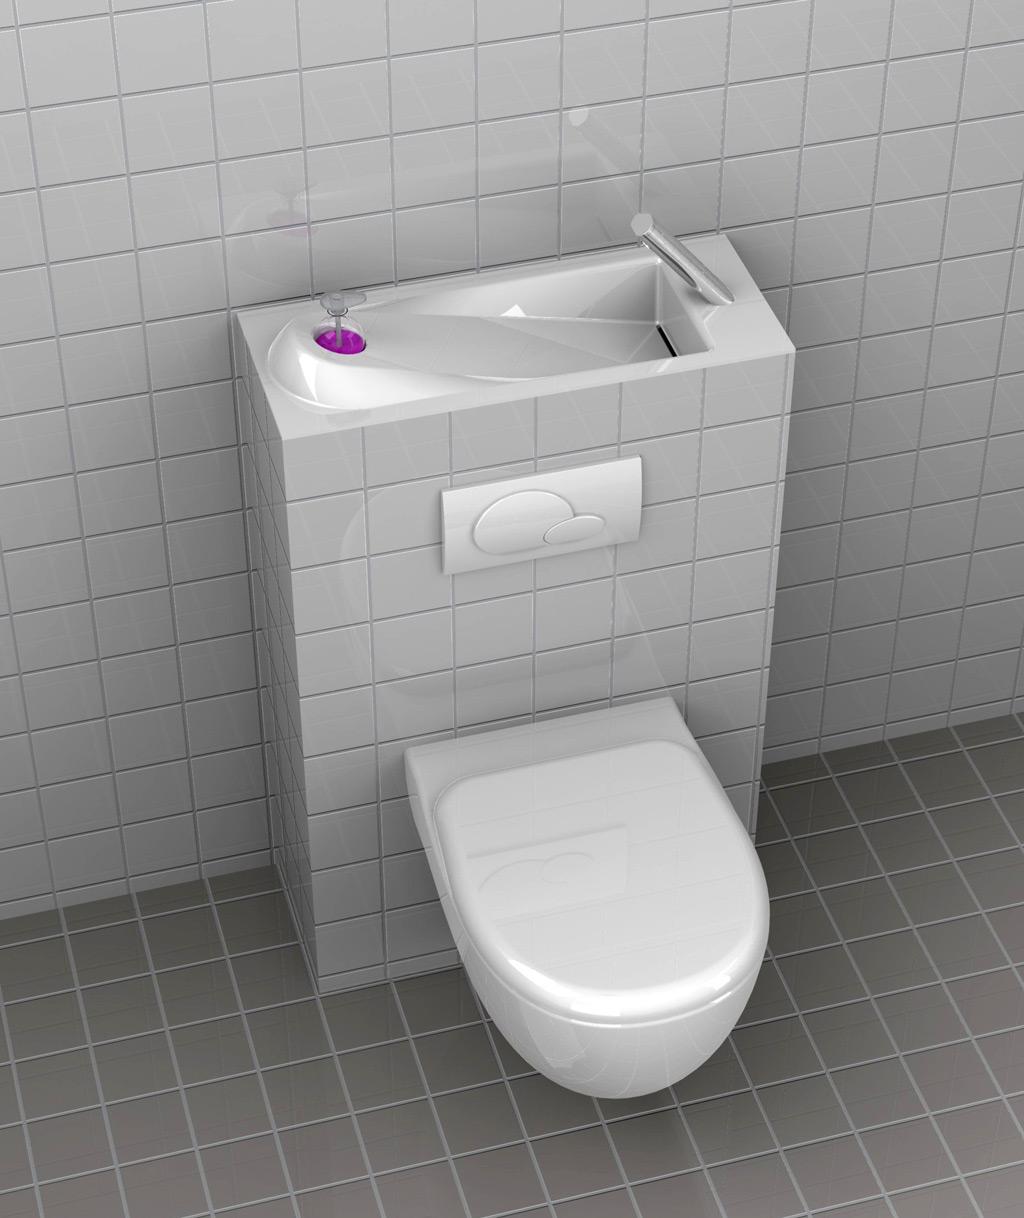 Cliquez pour agrandir - Toilette lave main integre ...